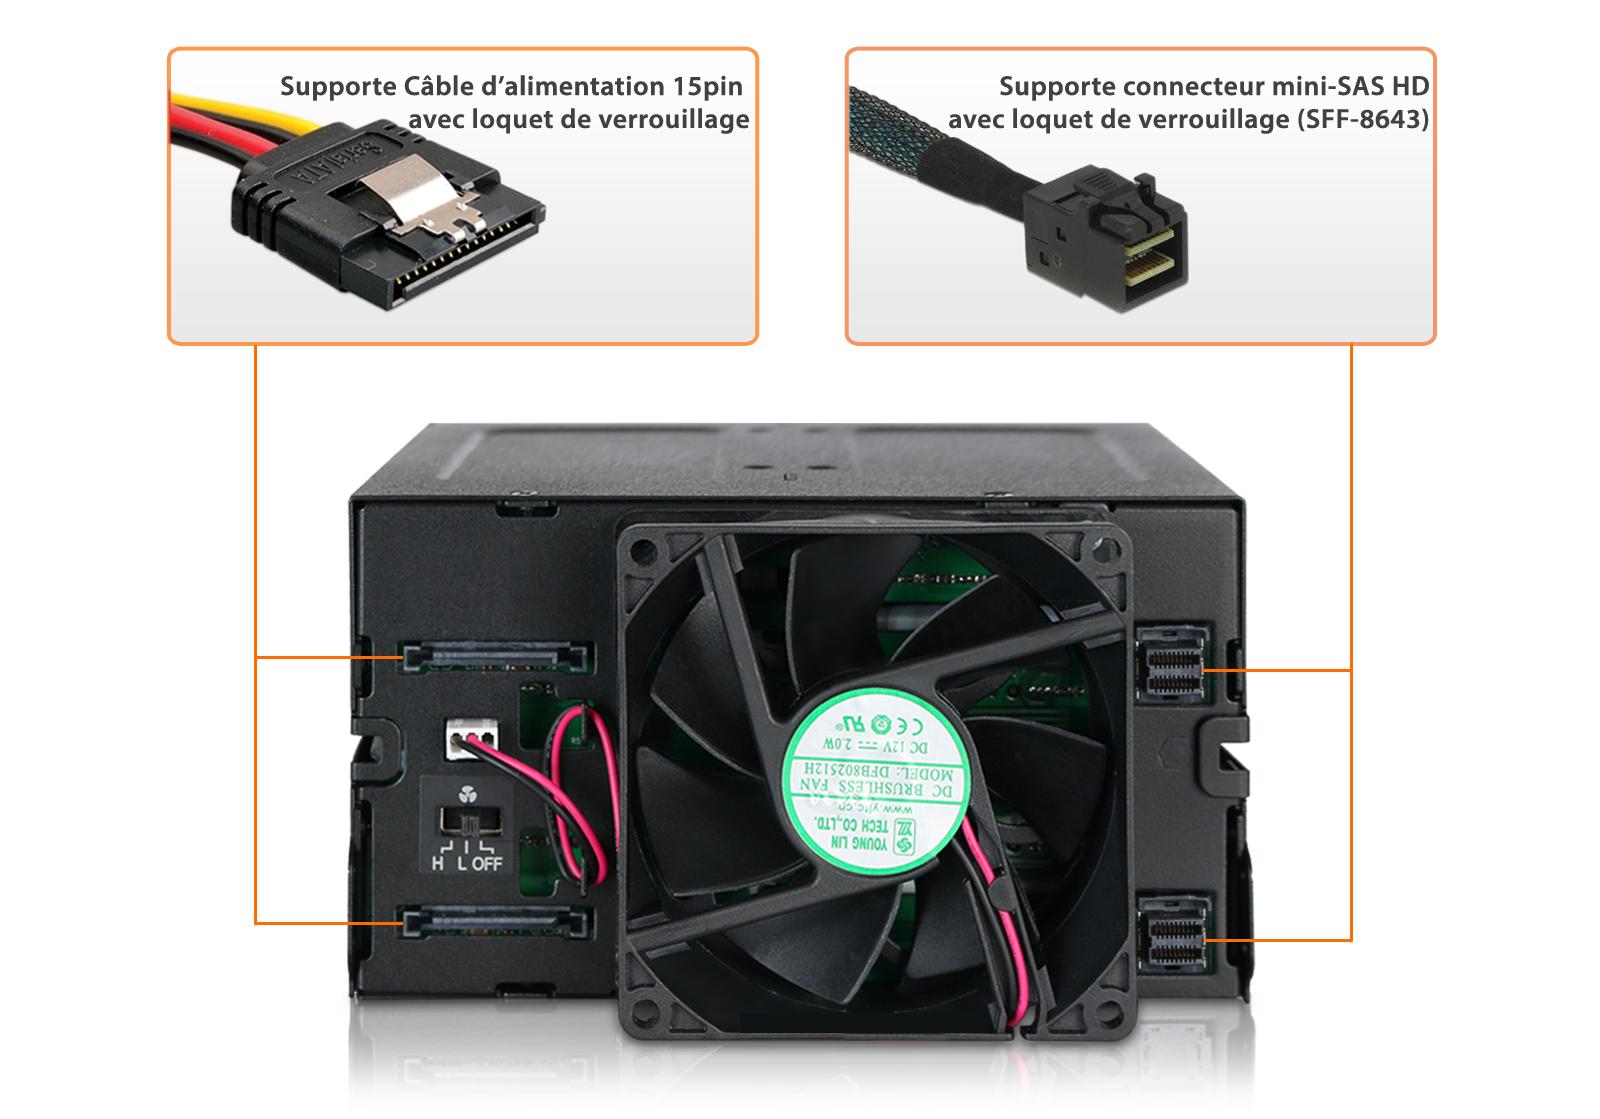 Photode la prise en charge des Mini-SAS HD et câble d'alimentation SATA avec vérrouillage à loquet